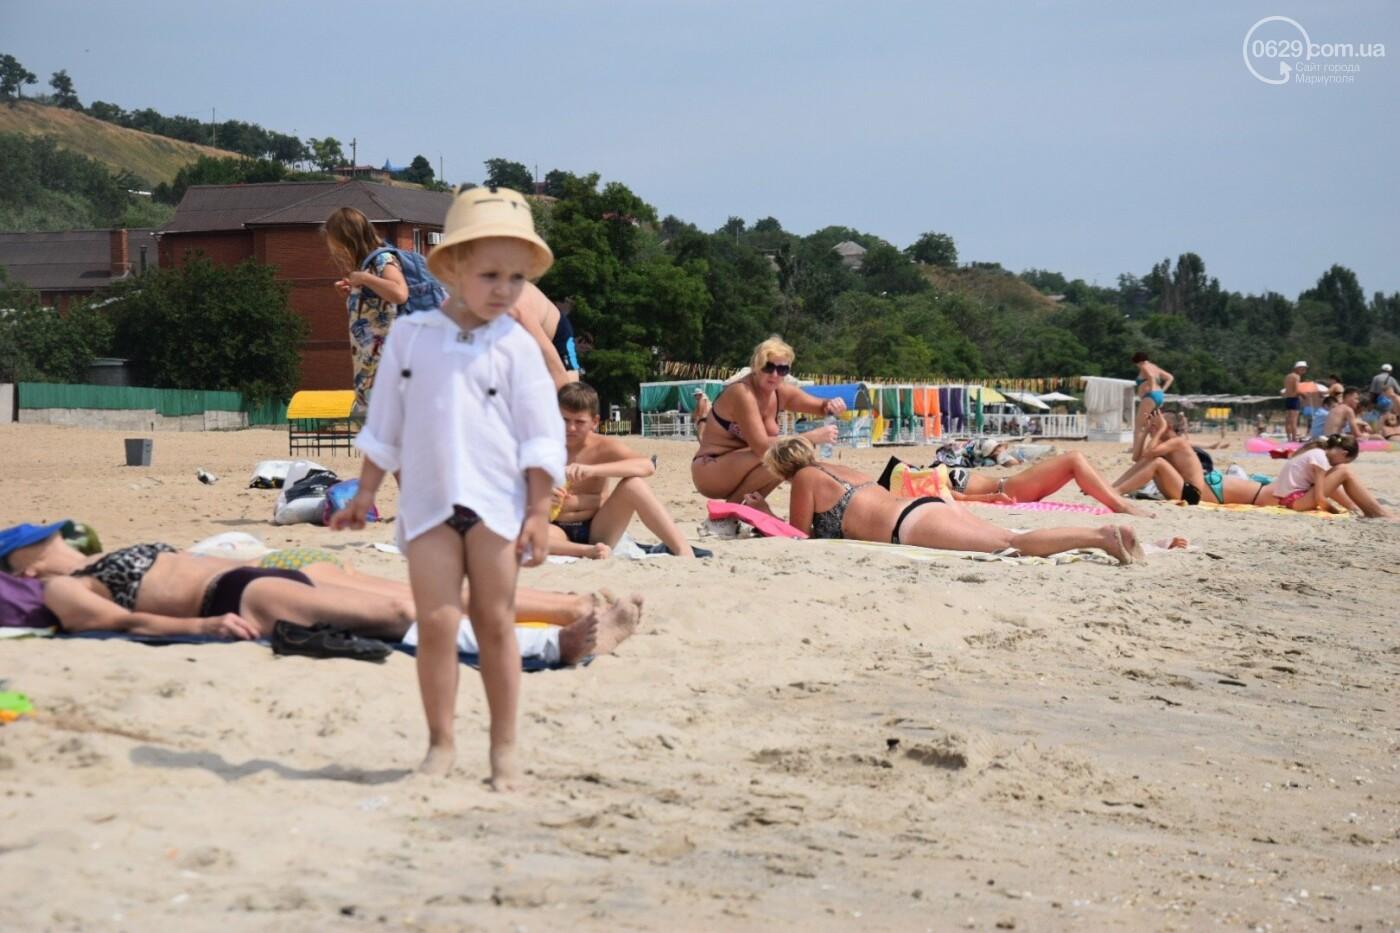 ТОП лучших пляжей Мариуполя, - ФОТО, фото-158